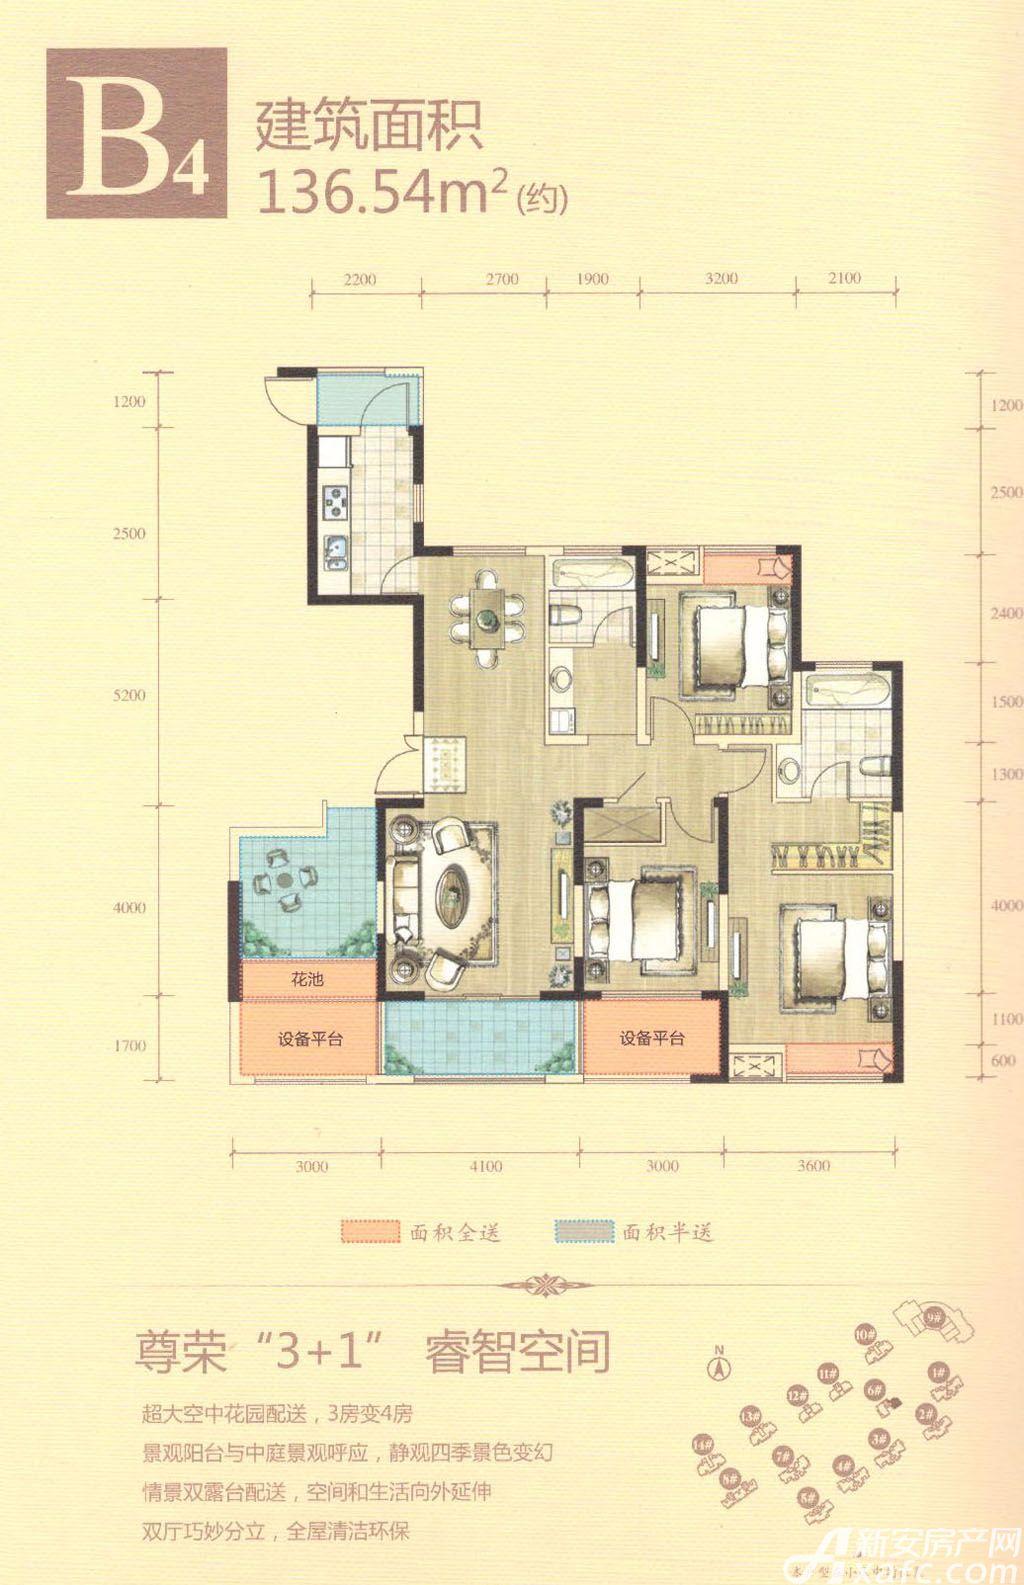 绿地滨江壹号B43室2厅136.54平米